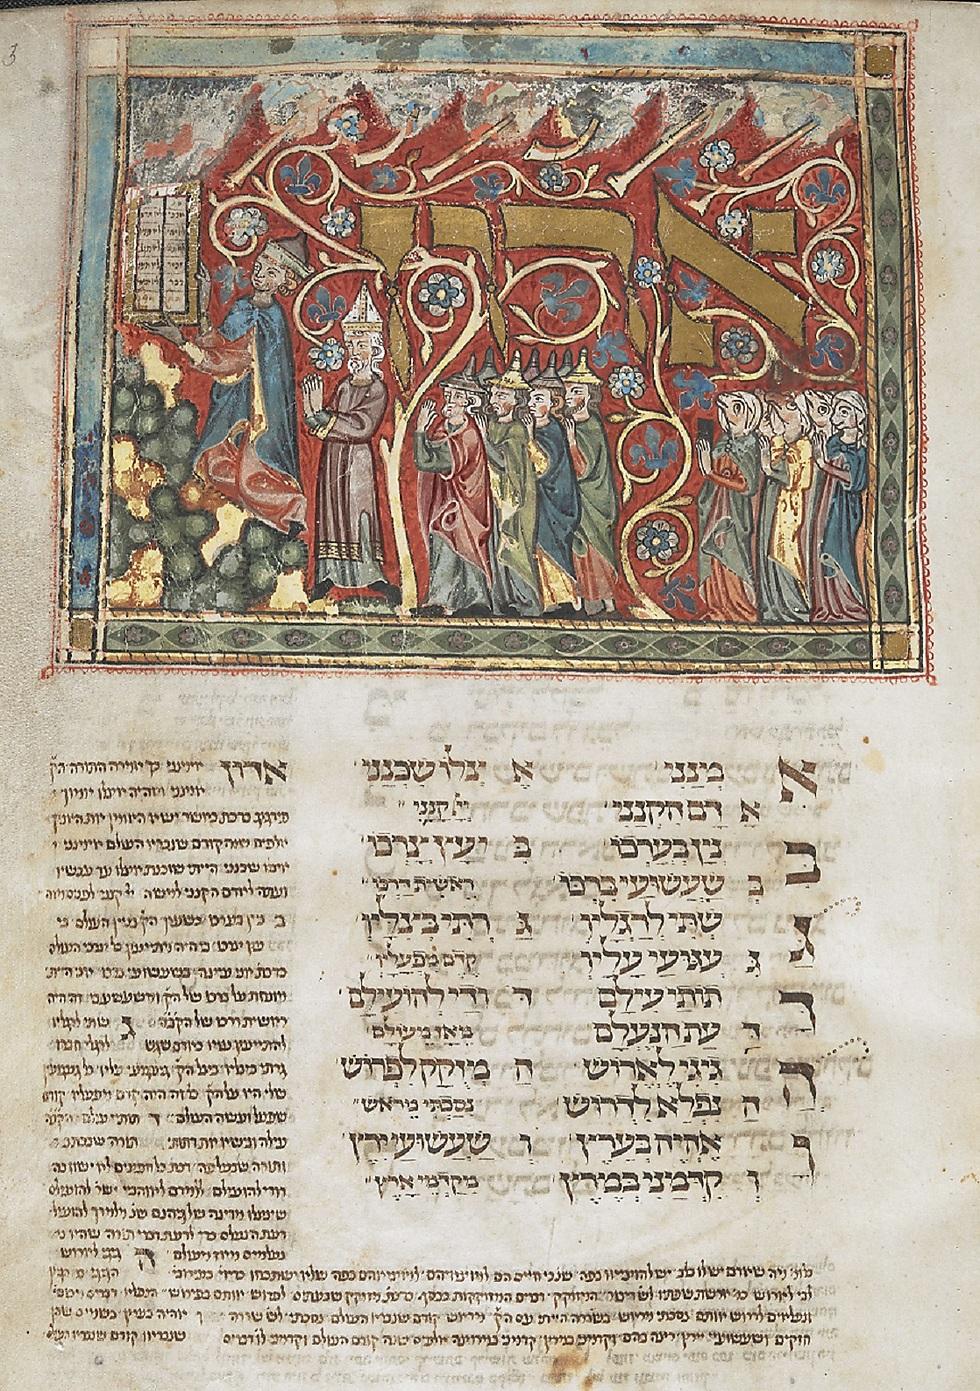 """מחזור תפילה לחג השבועות ולסוכות, גרמניה, סביבות 1322. הוא מכונה לעיתים """"המחזור המשולש"""" כי הוא מחולק לשלושה, וכל אחד מהחלקים נמצא במקום אחר: בספרייה הבריטית, בספריית הבודליאנה ובהונגריה (באדיבות הספרייה הלאומית)"""